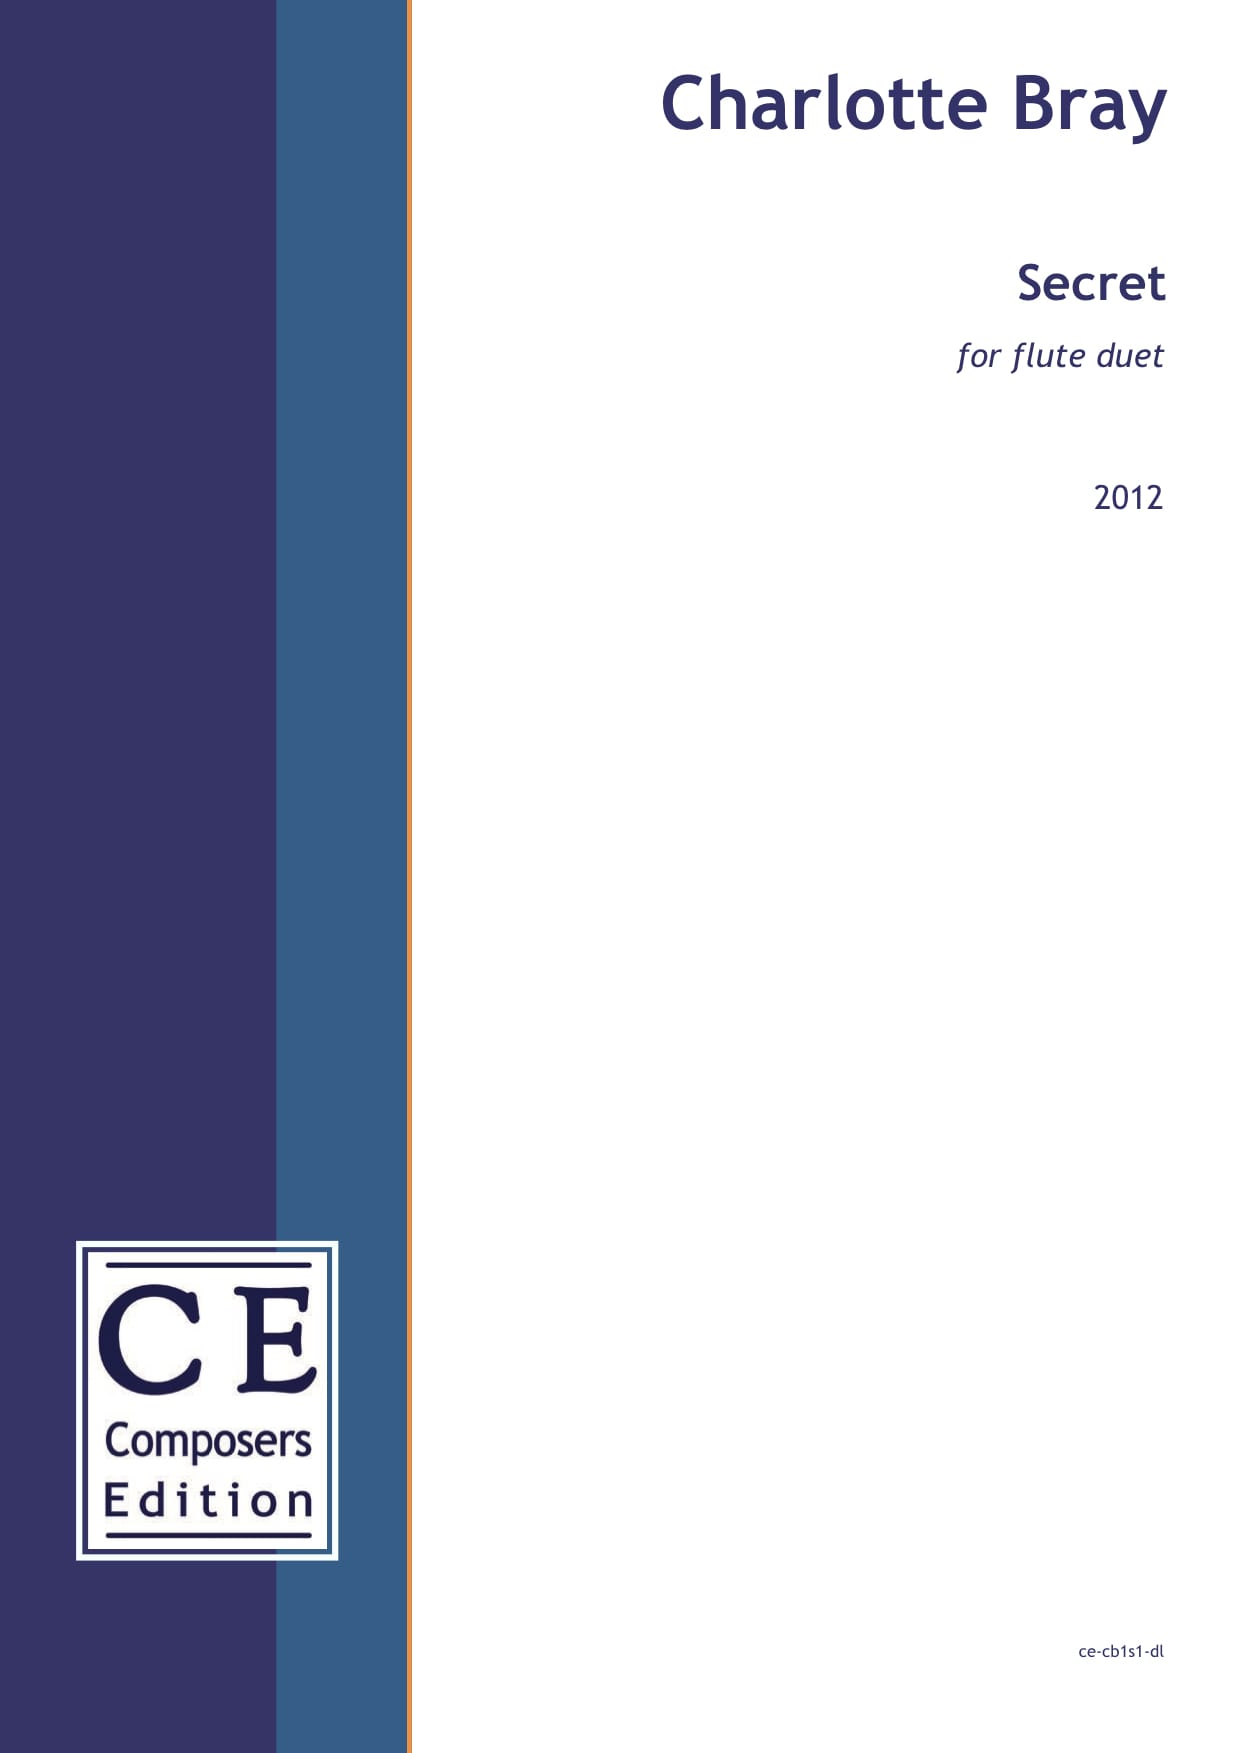 Charlotte Bray: Secret for flute duet